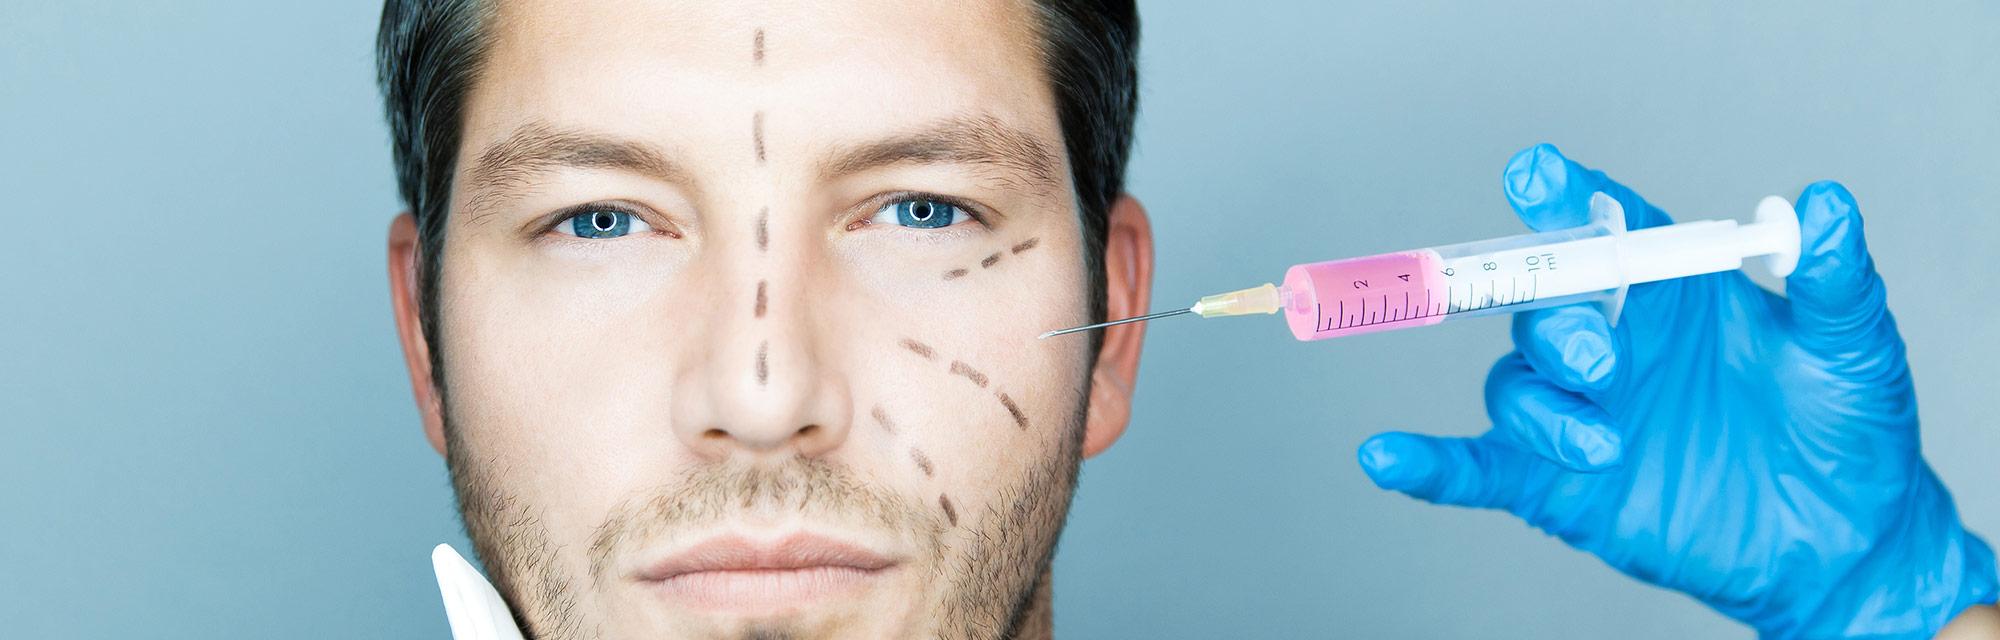 Chirurgie-et-medecine-esthetique-les-hommes-s-y-mettent-aussi1